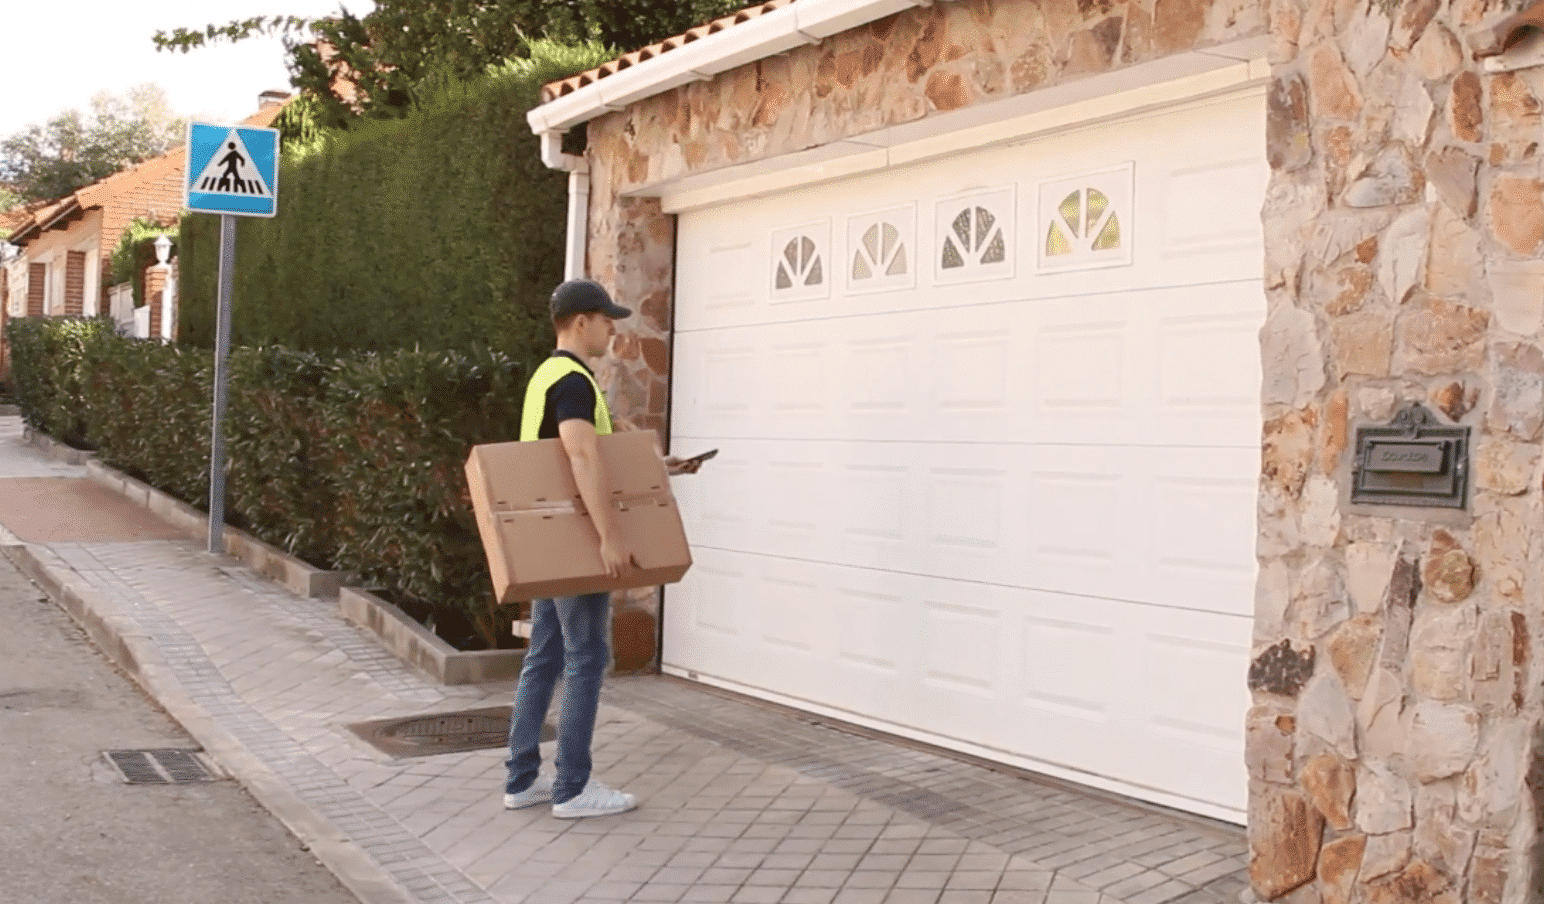 Recibir Paquetes Garaje